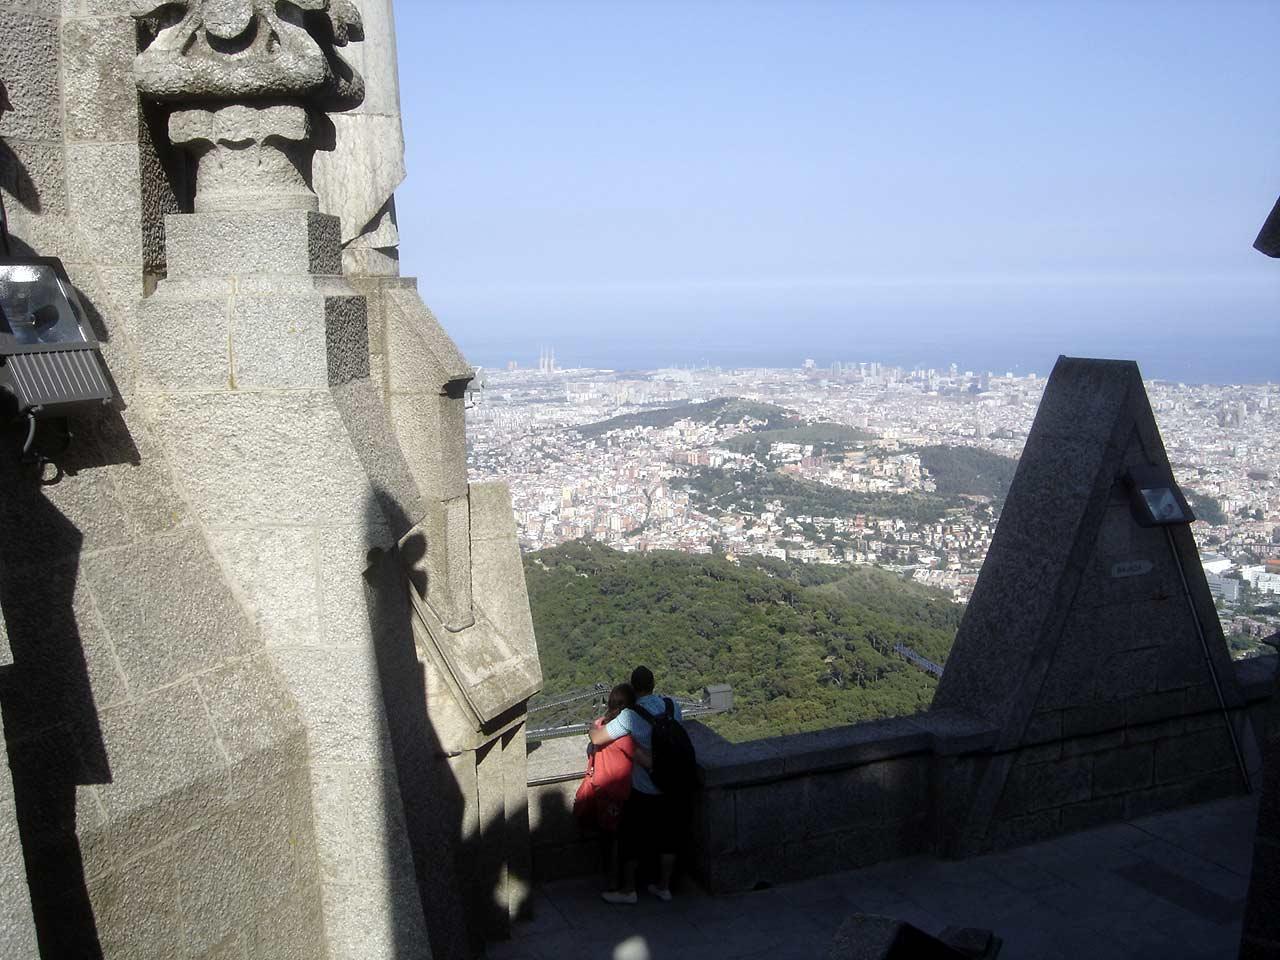 Gaudi'nin Taçlandırdığı Akdenizli: Barcelona